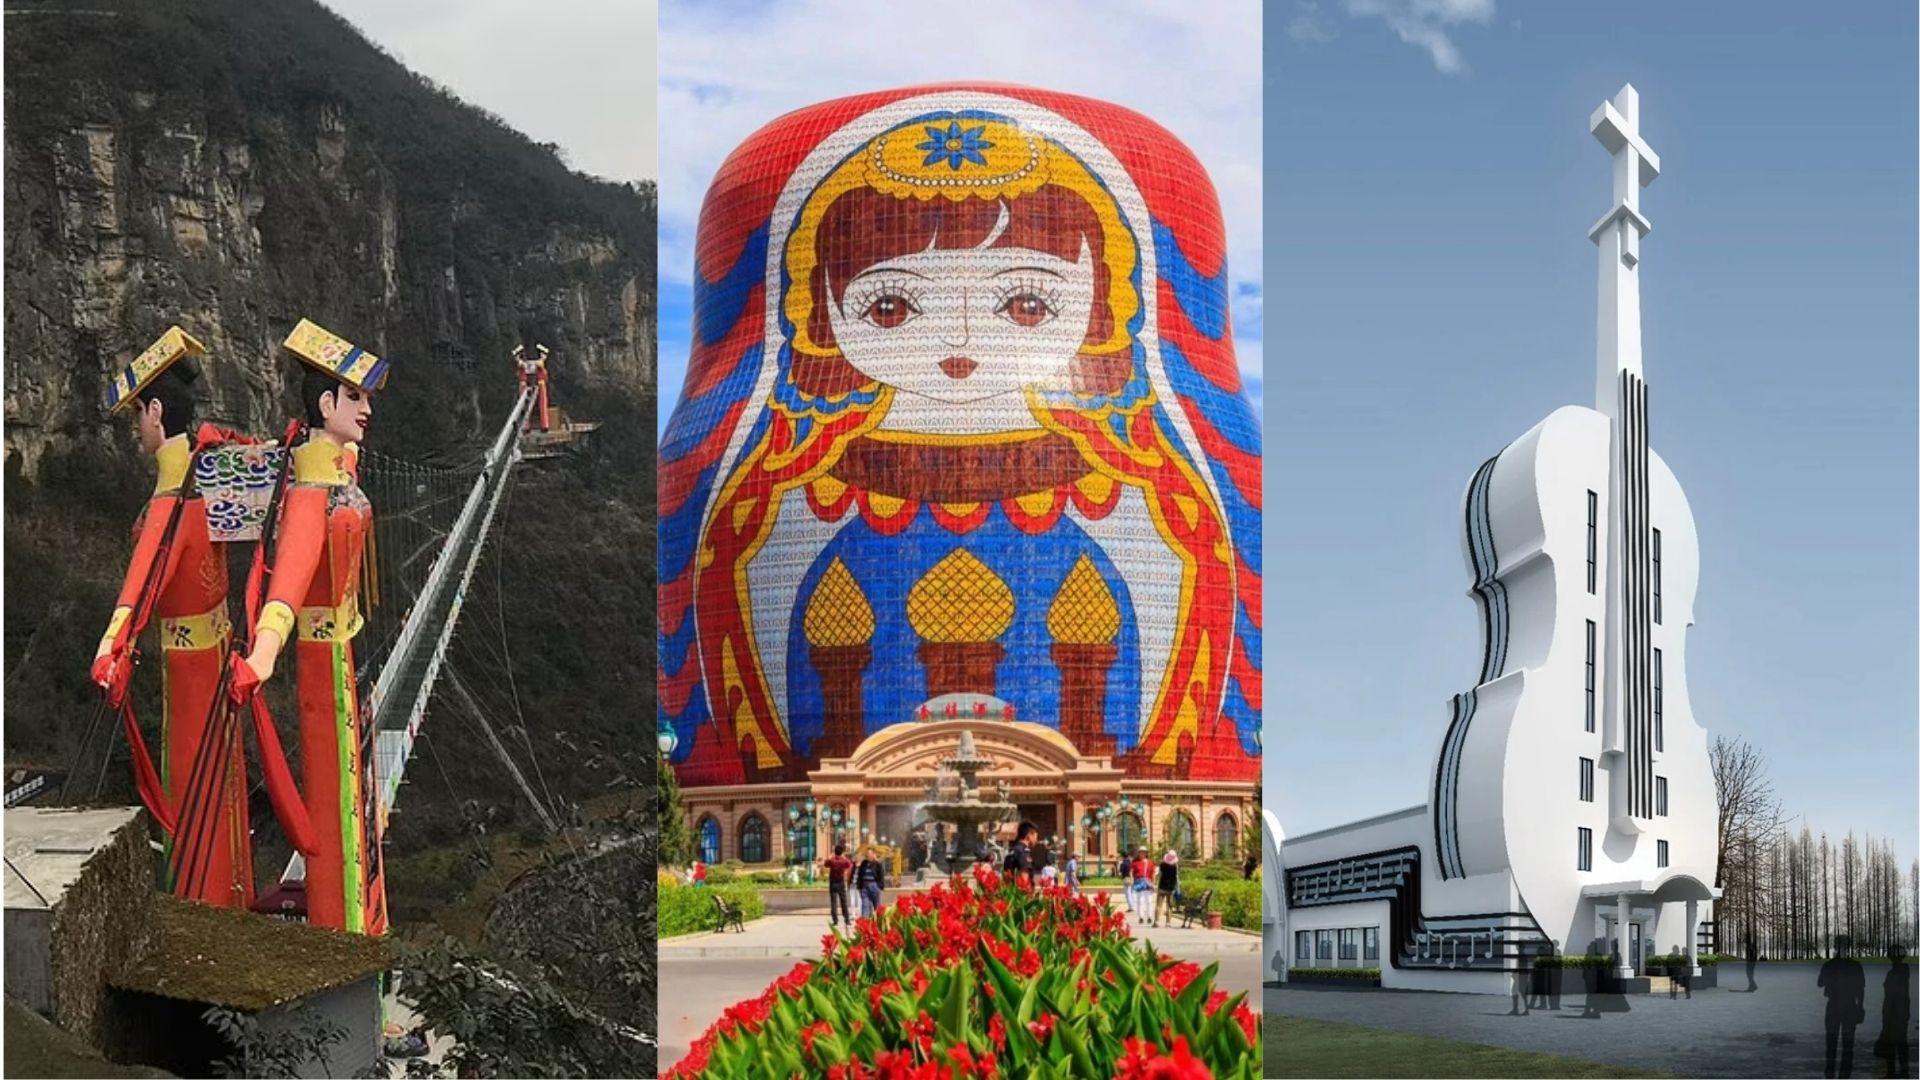 Bukan Paling Indah, China Gelar Kompetisi Bangunan Terjelek dan Ini Nominasinya!